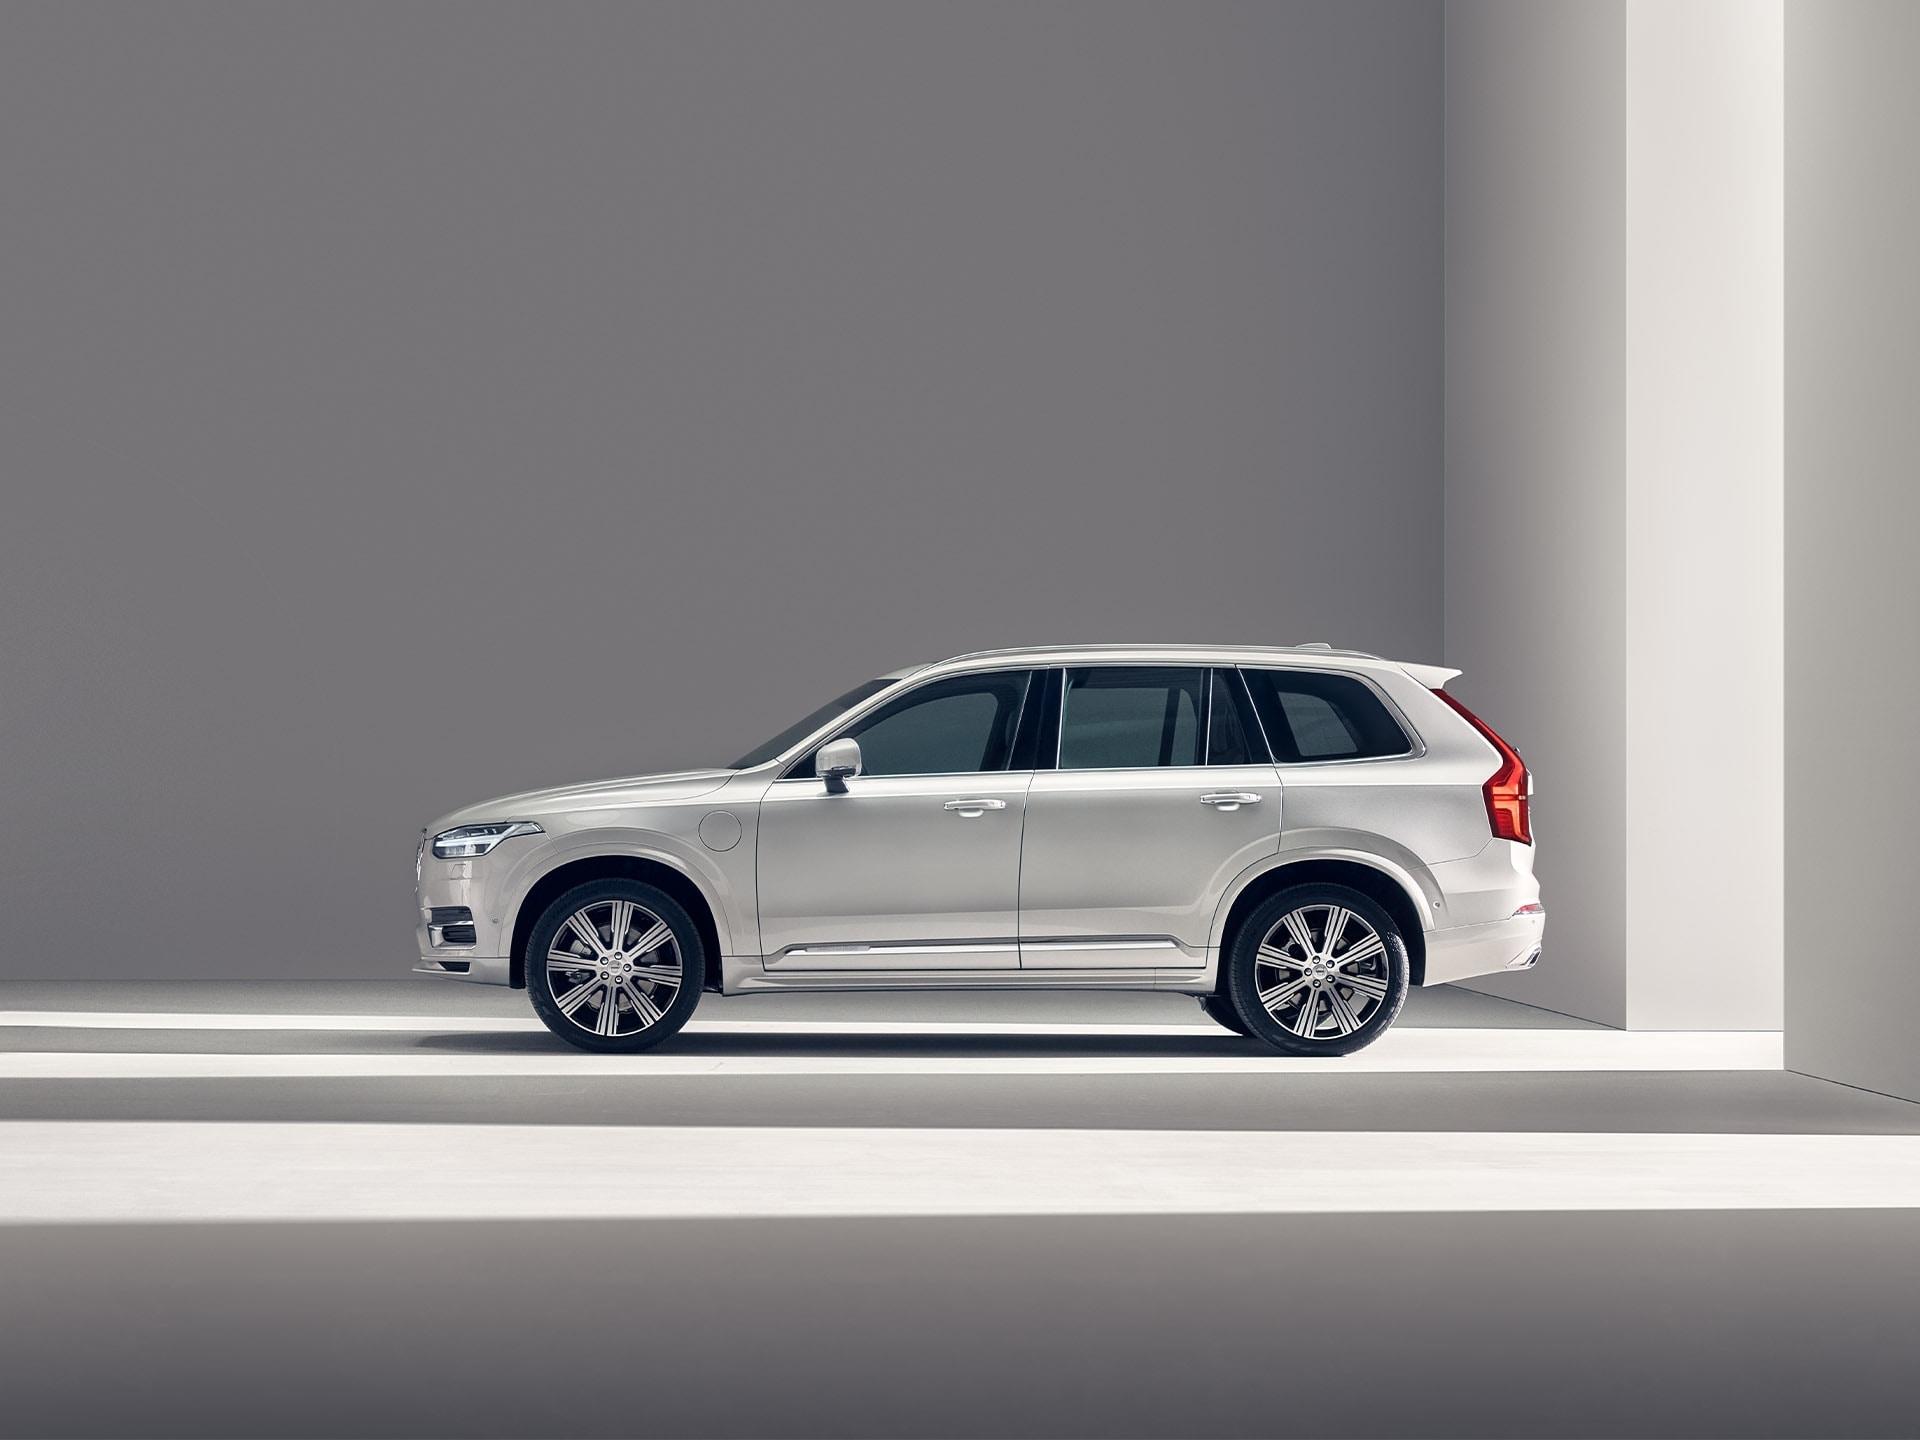 Un Volvo SUV XC90 Recharge blanco está parado